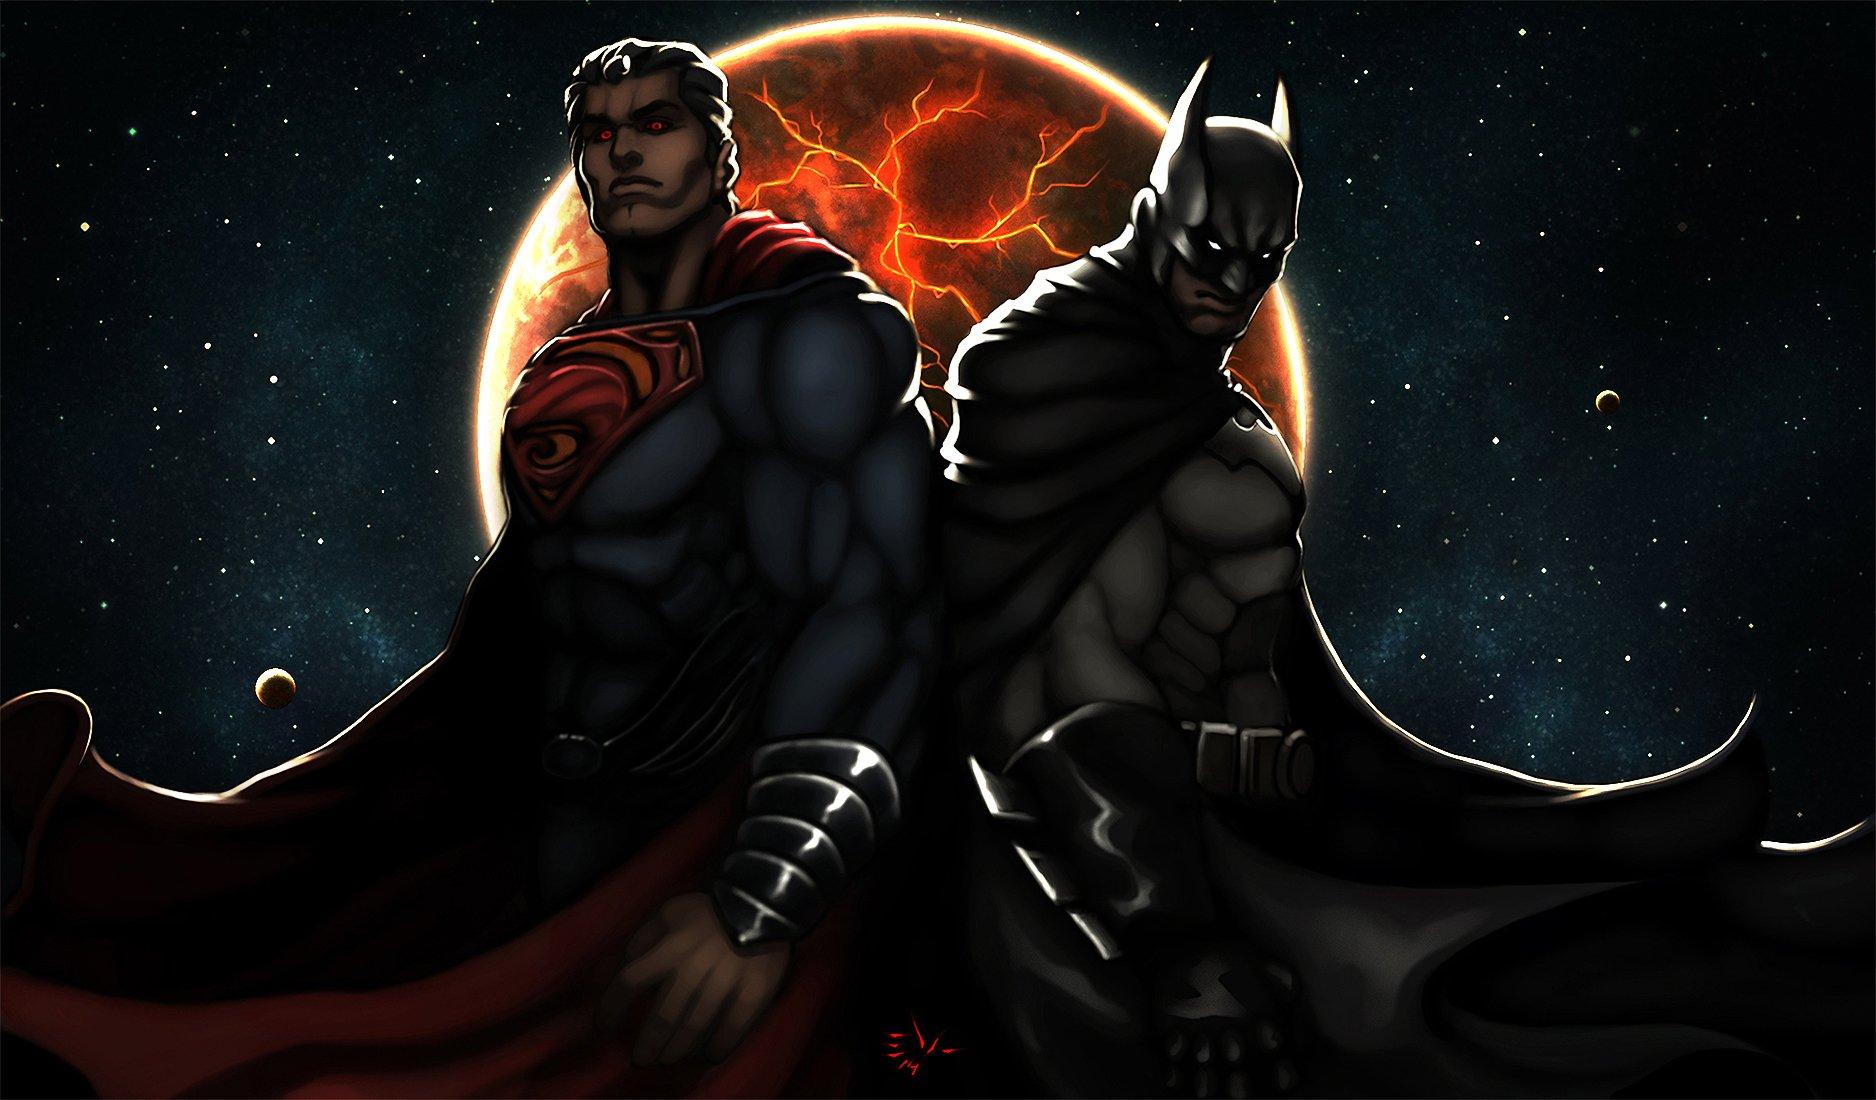 batman-v-superman-dawn-of-justice-images-photos-mr-×-wallpaper-wp3402904